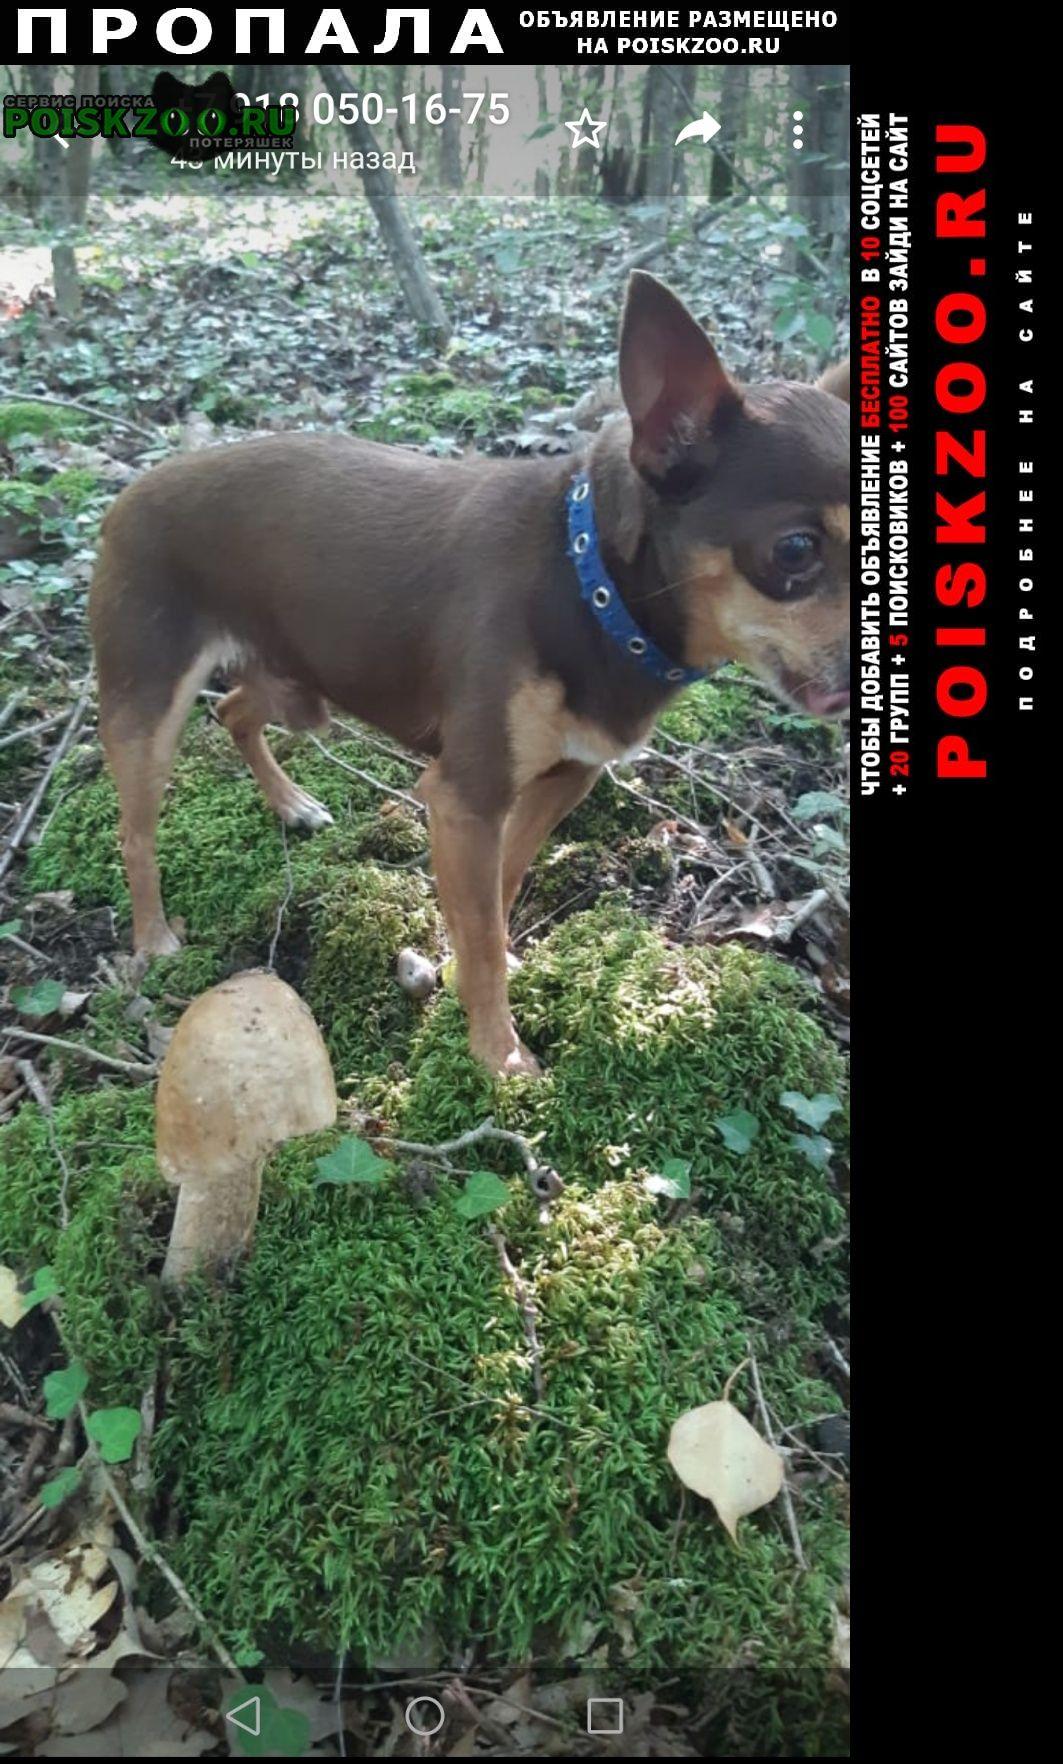 Пропала собака кобель той из архипо-осиповки Геленджик